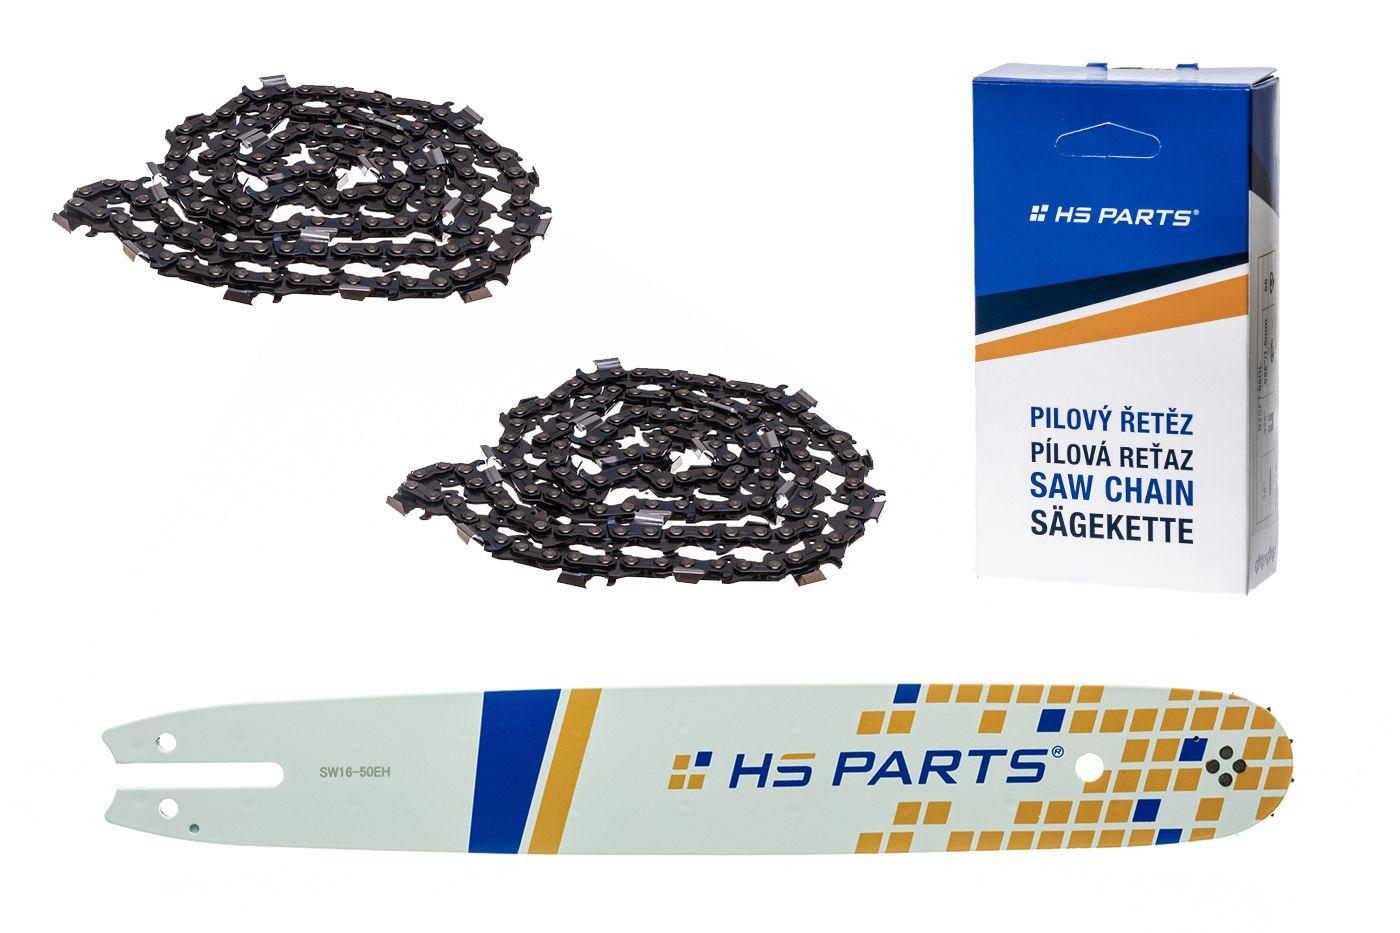 """HS PARTS Akční set vodící lišta 16"""" (40 cm) .325"""" .050"""" (1,3 mm) + 2 x pilový řetěz 62 čl."""